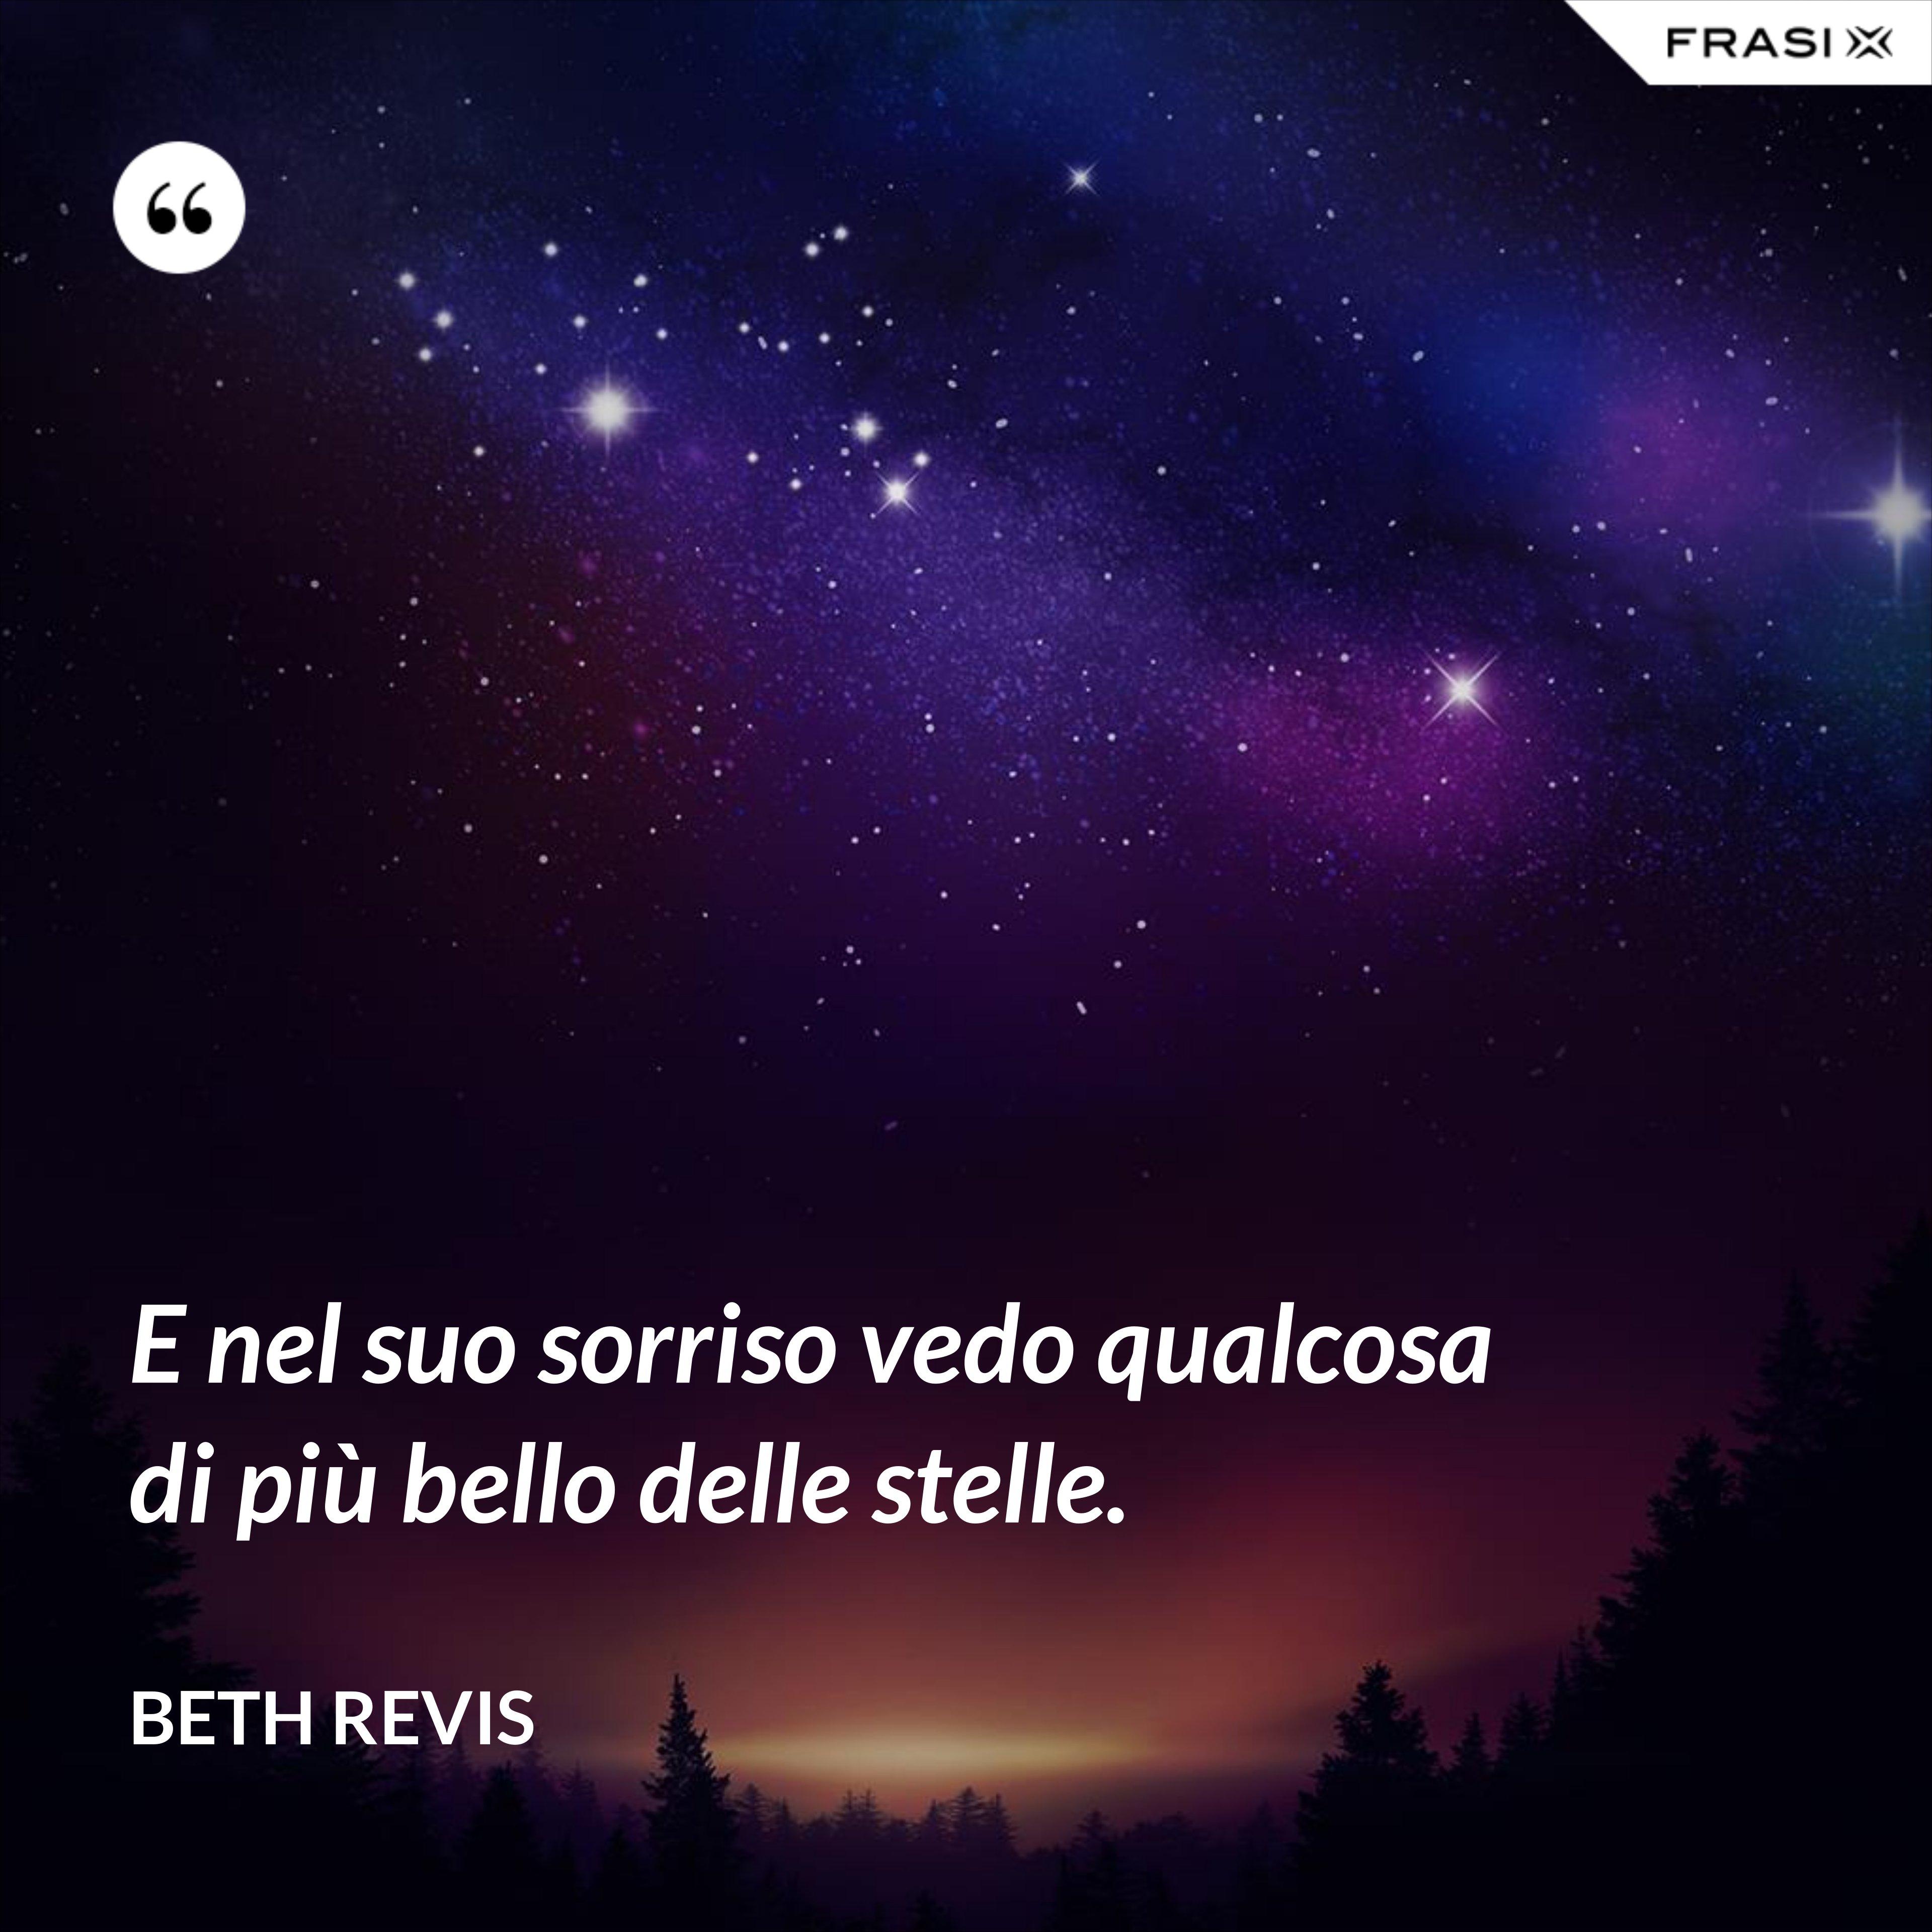 E nel suo sorriso vedo qualcosa di più bello delle stelle. - Beth Revis